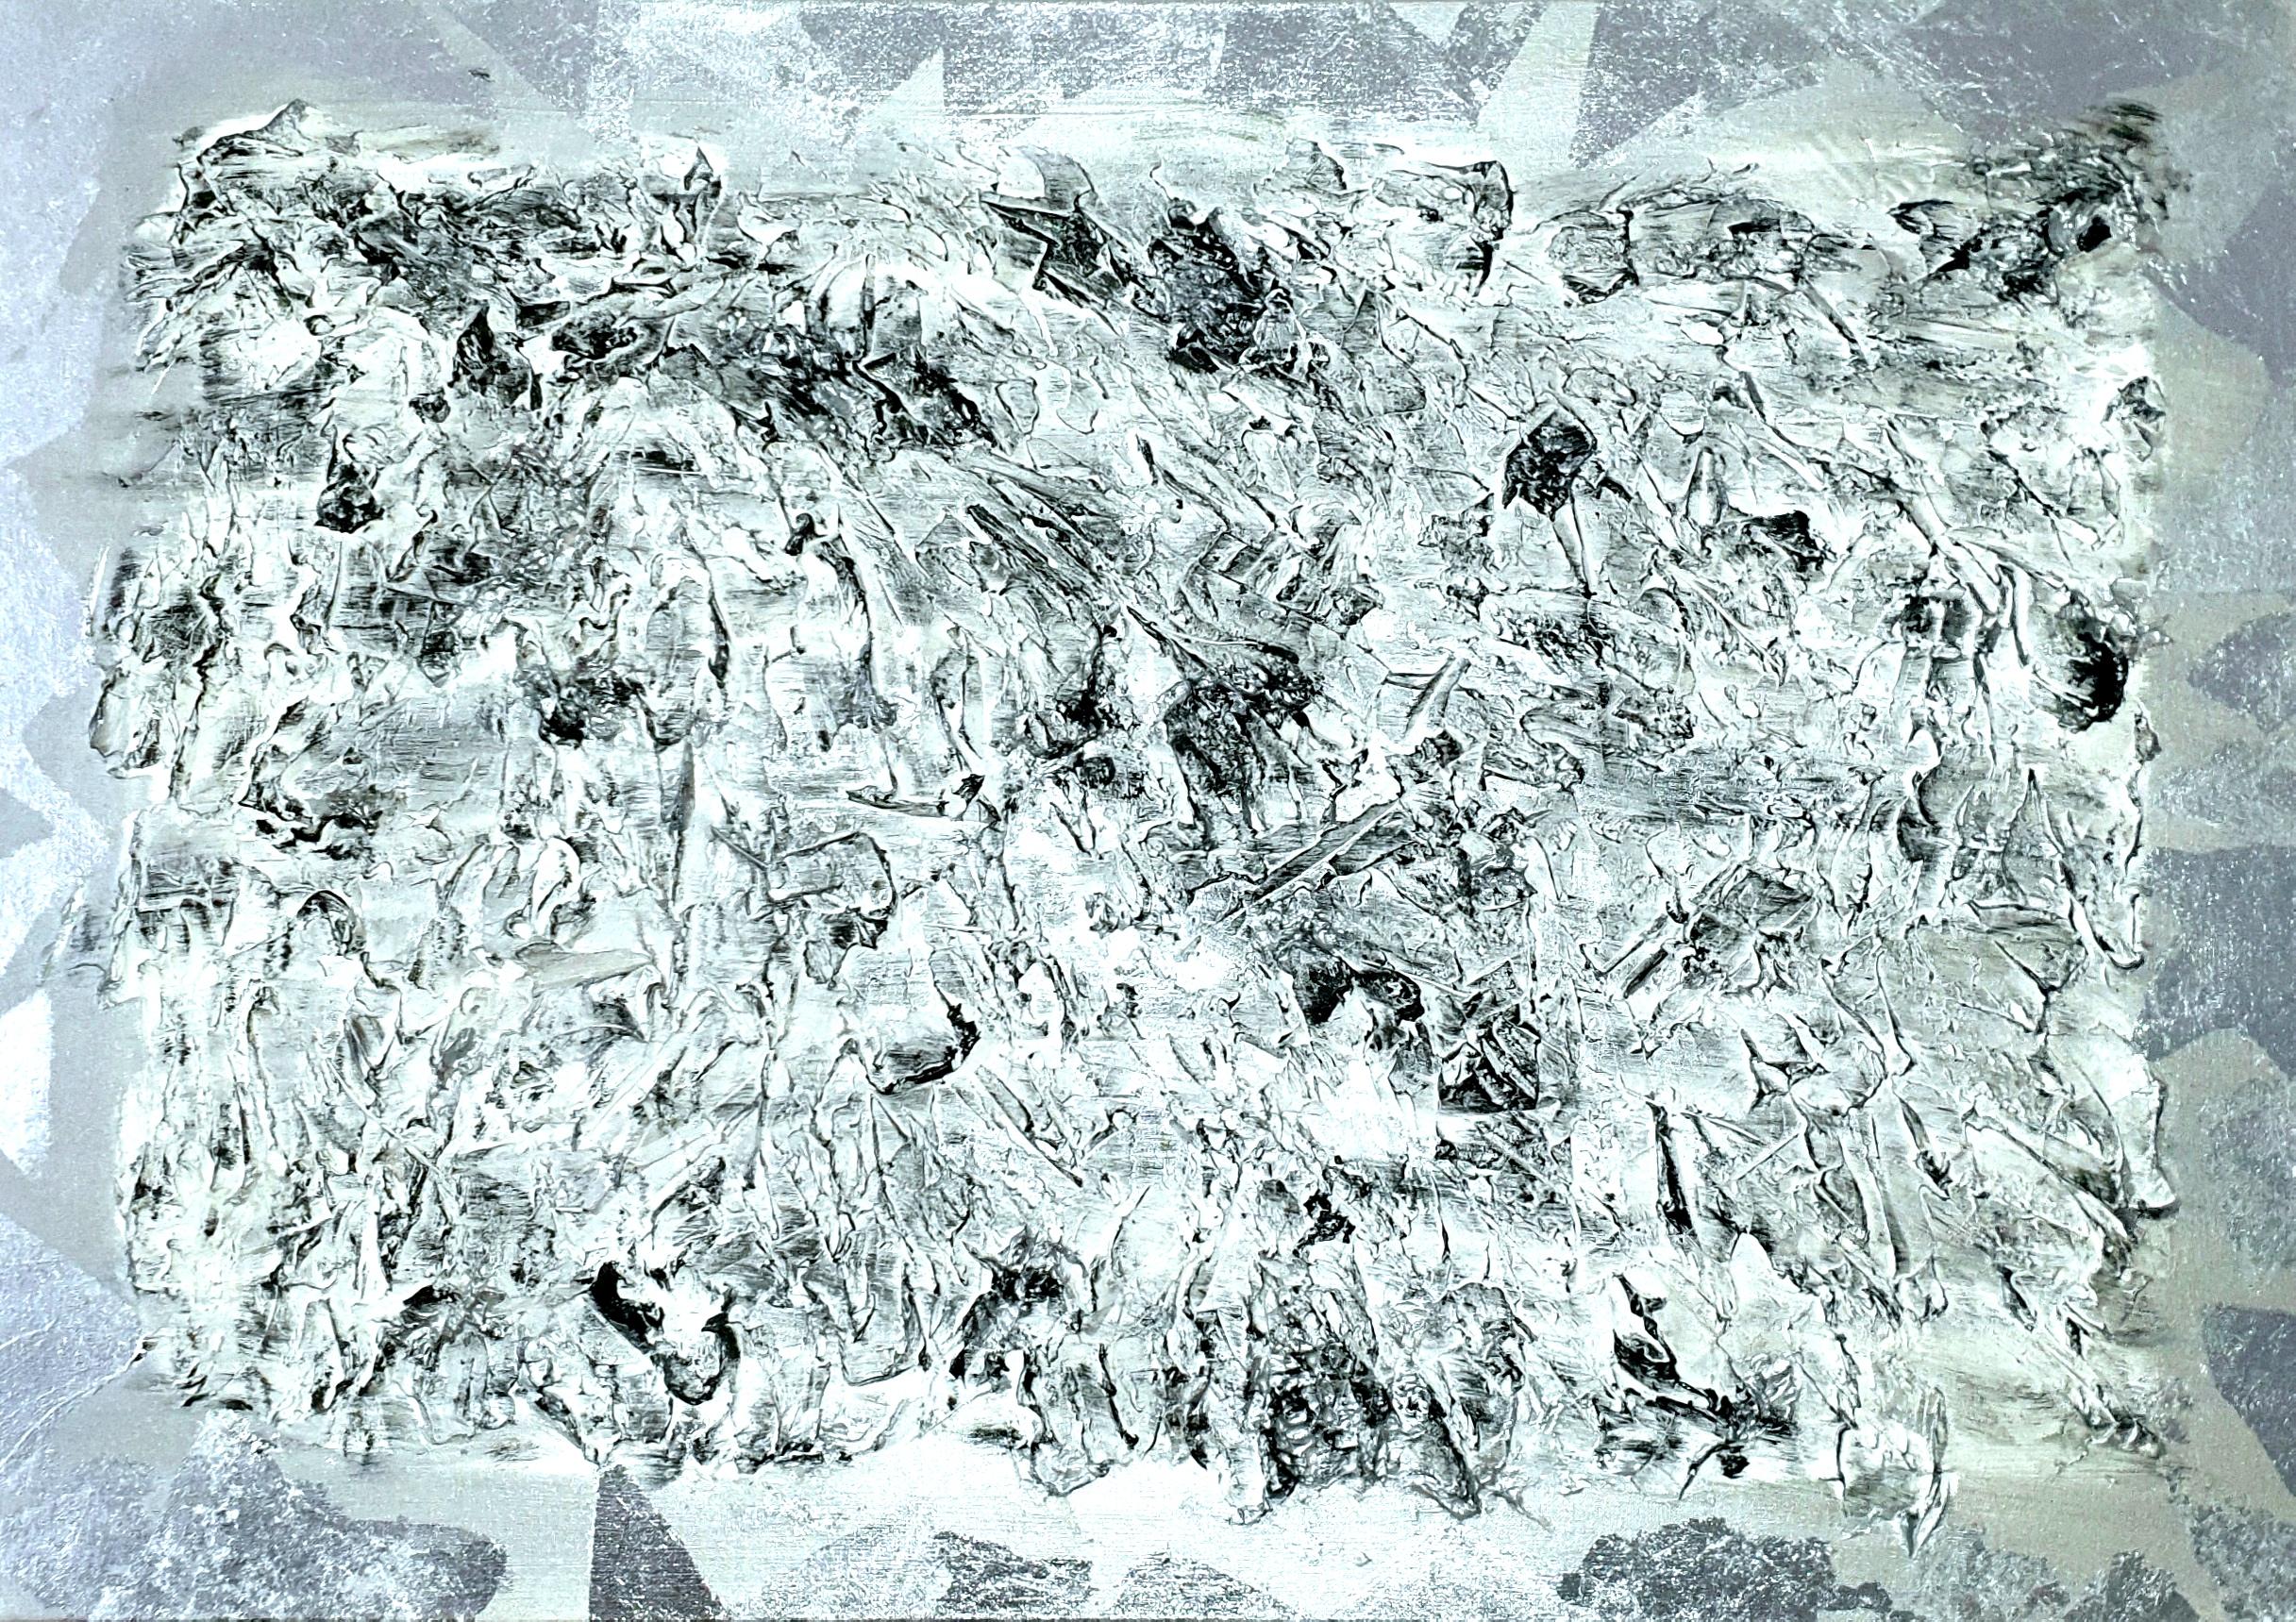 """Obraz akryl 100cm x 70cm pt. """"Śnieżne szczyty"""" (2020)"""